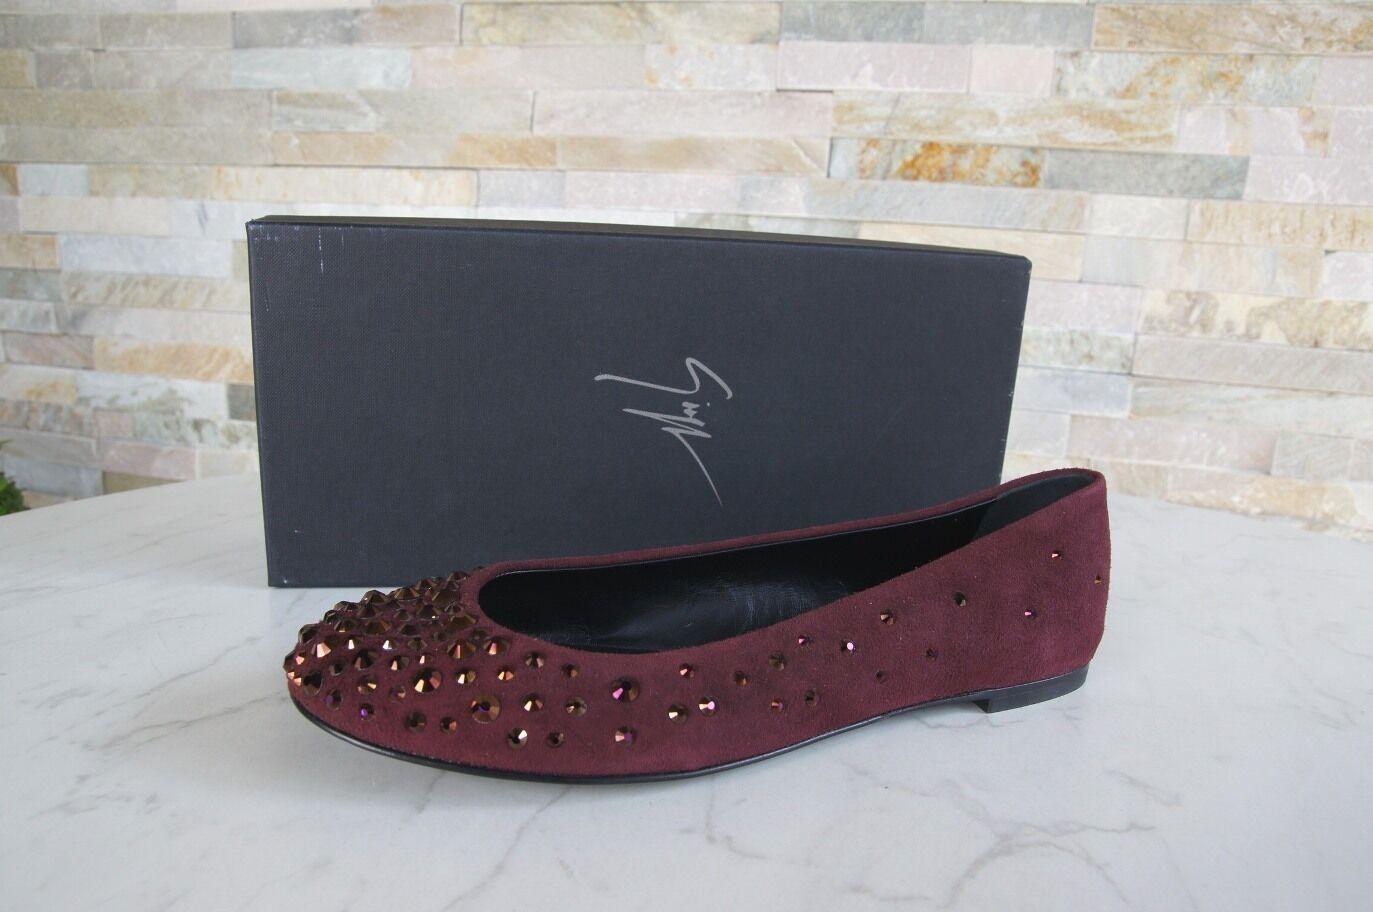 Giuseppe Zanotti Dimensione 37,5 Ballerinas Slip on I26123 scarpe  rosso New Precedentemente  ordinare on-line